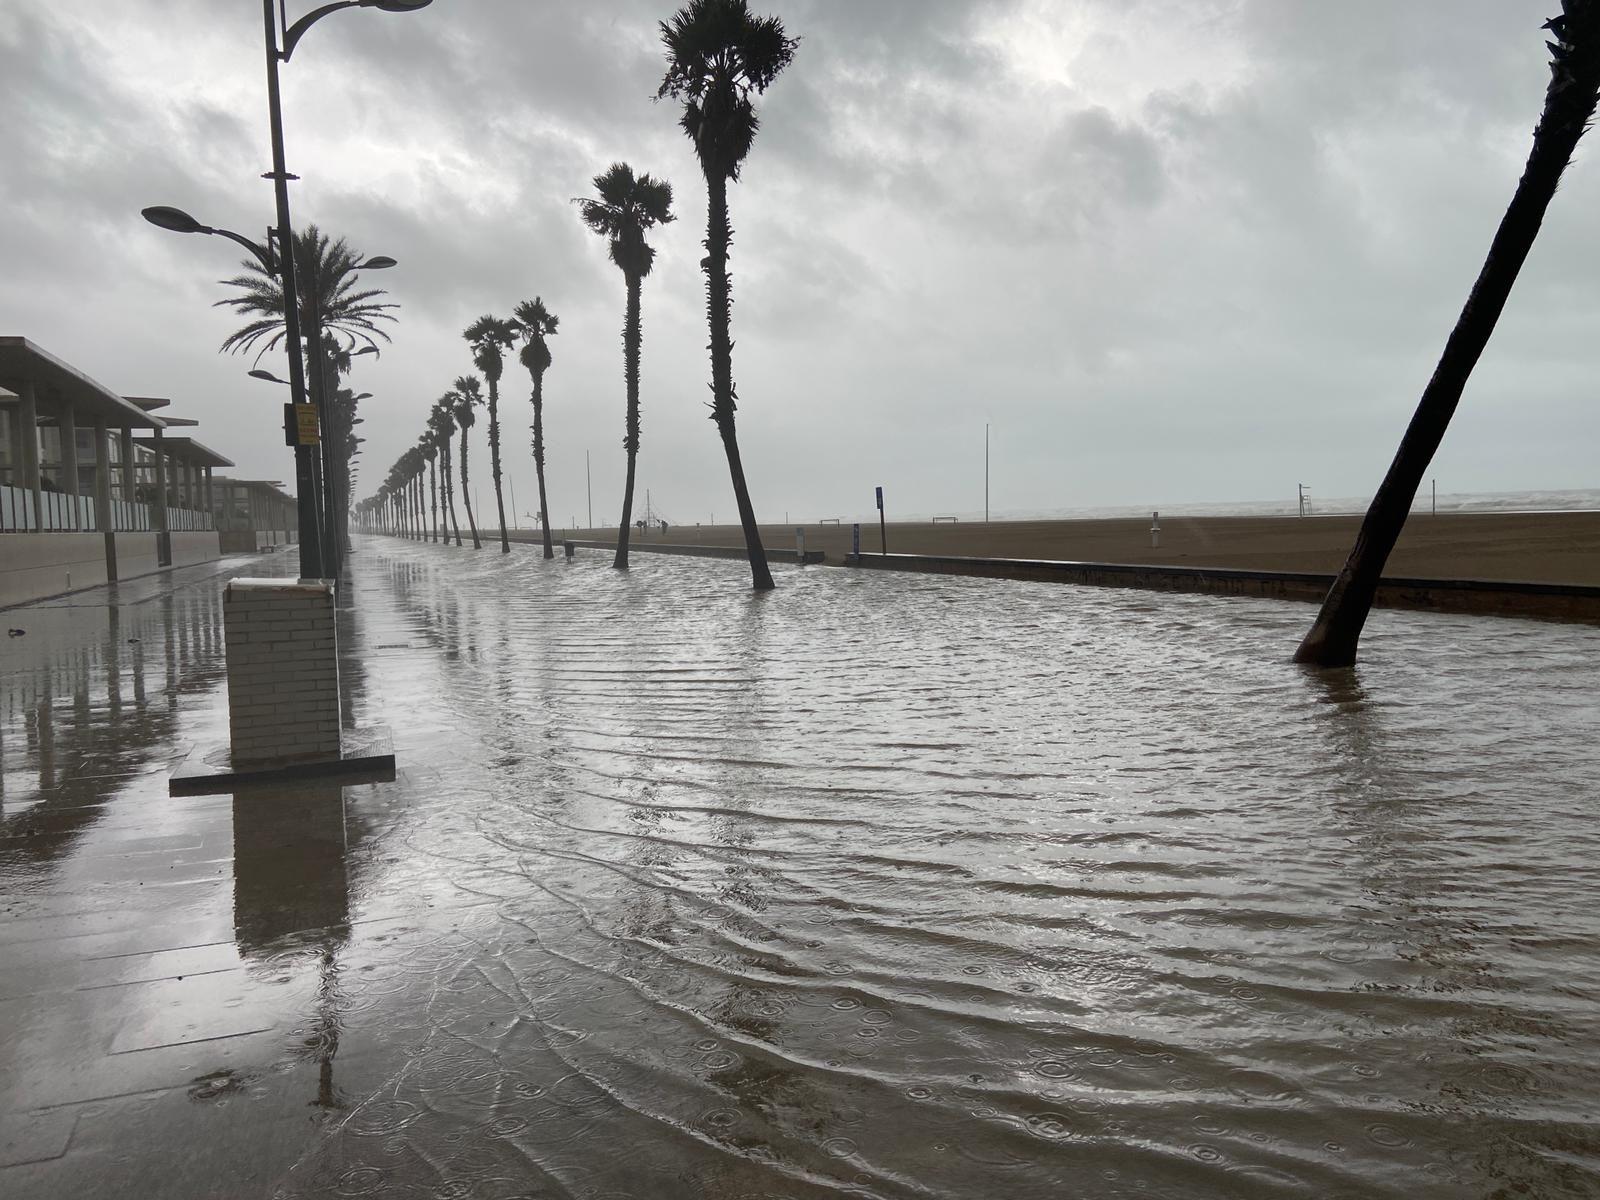 El paseo de la Patacona, inundado